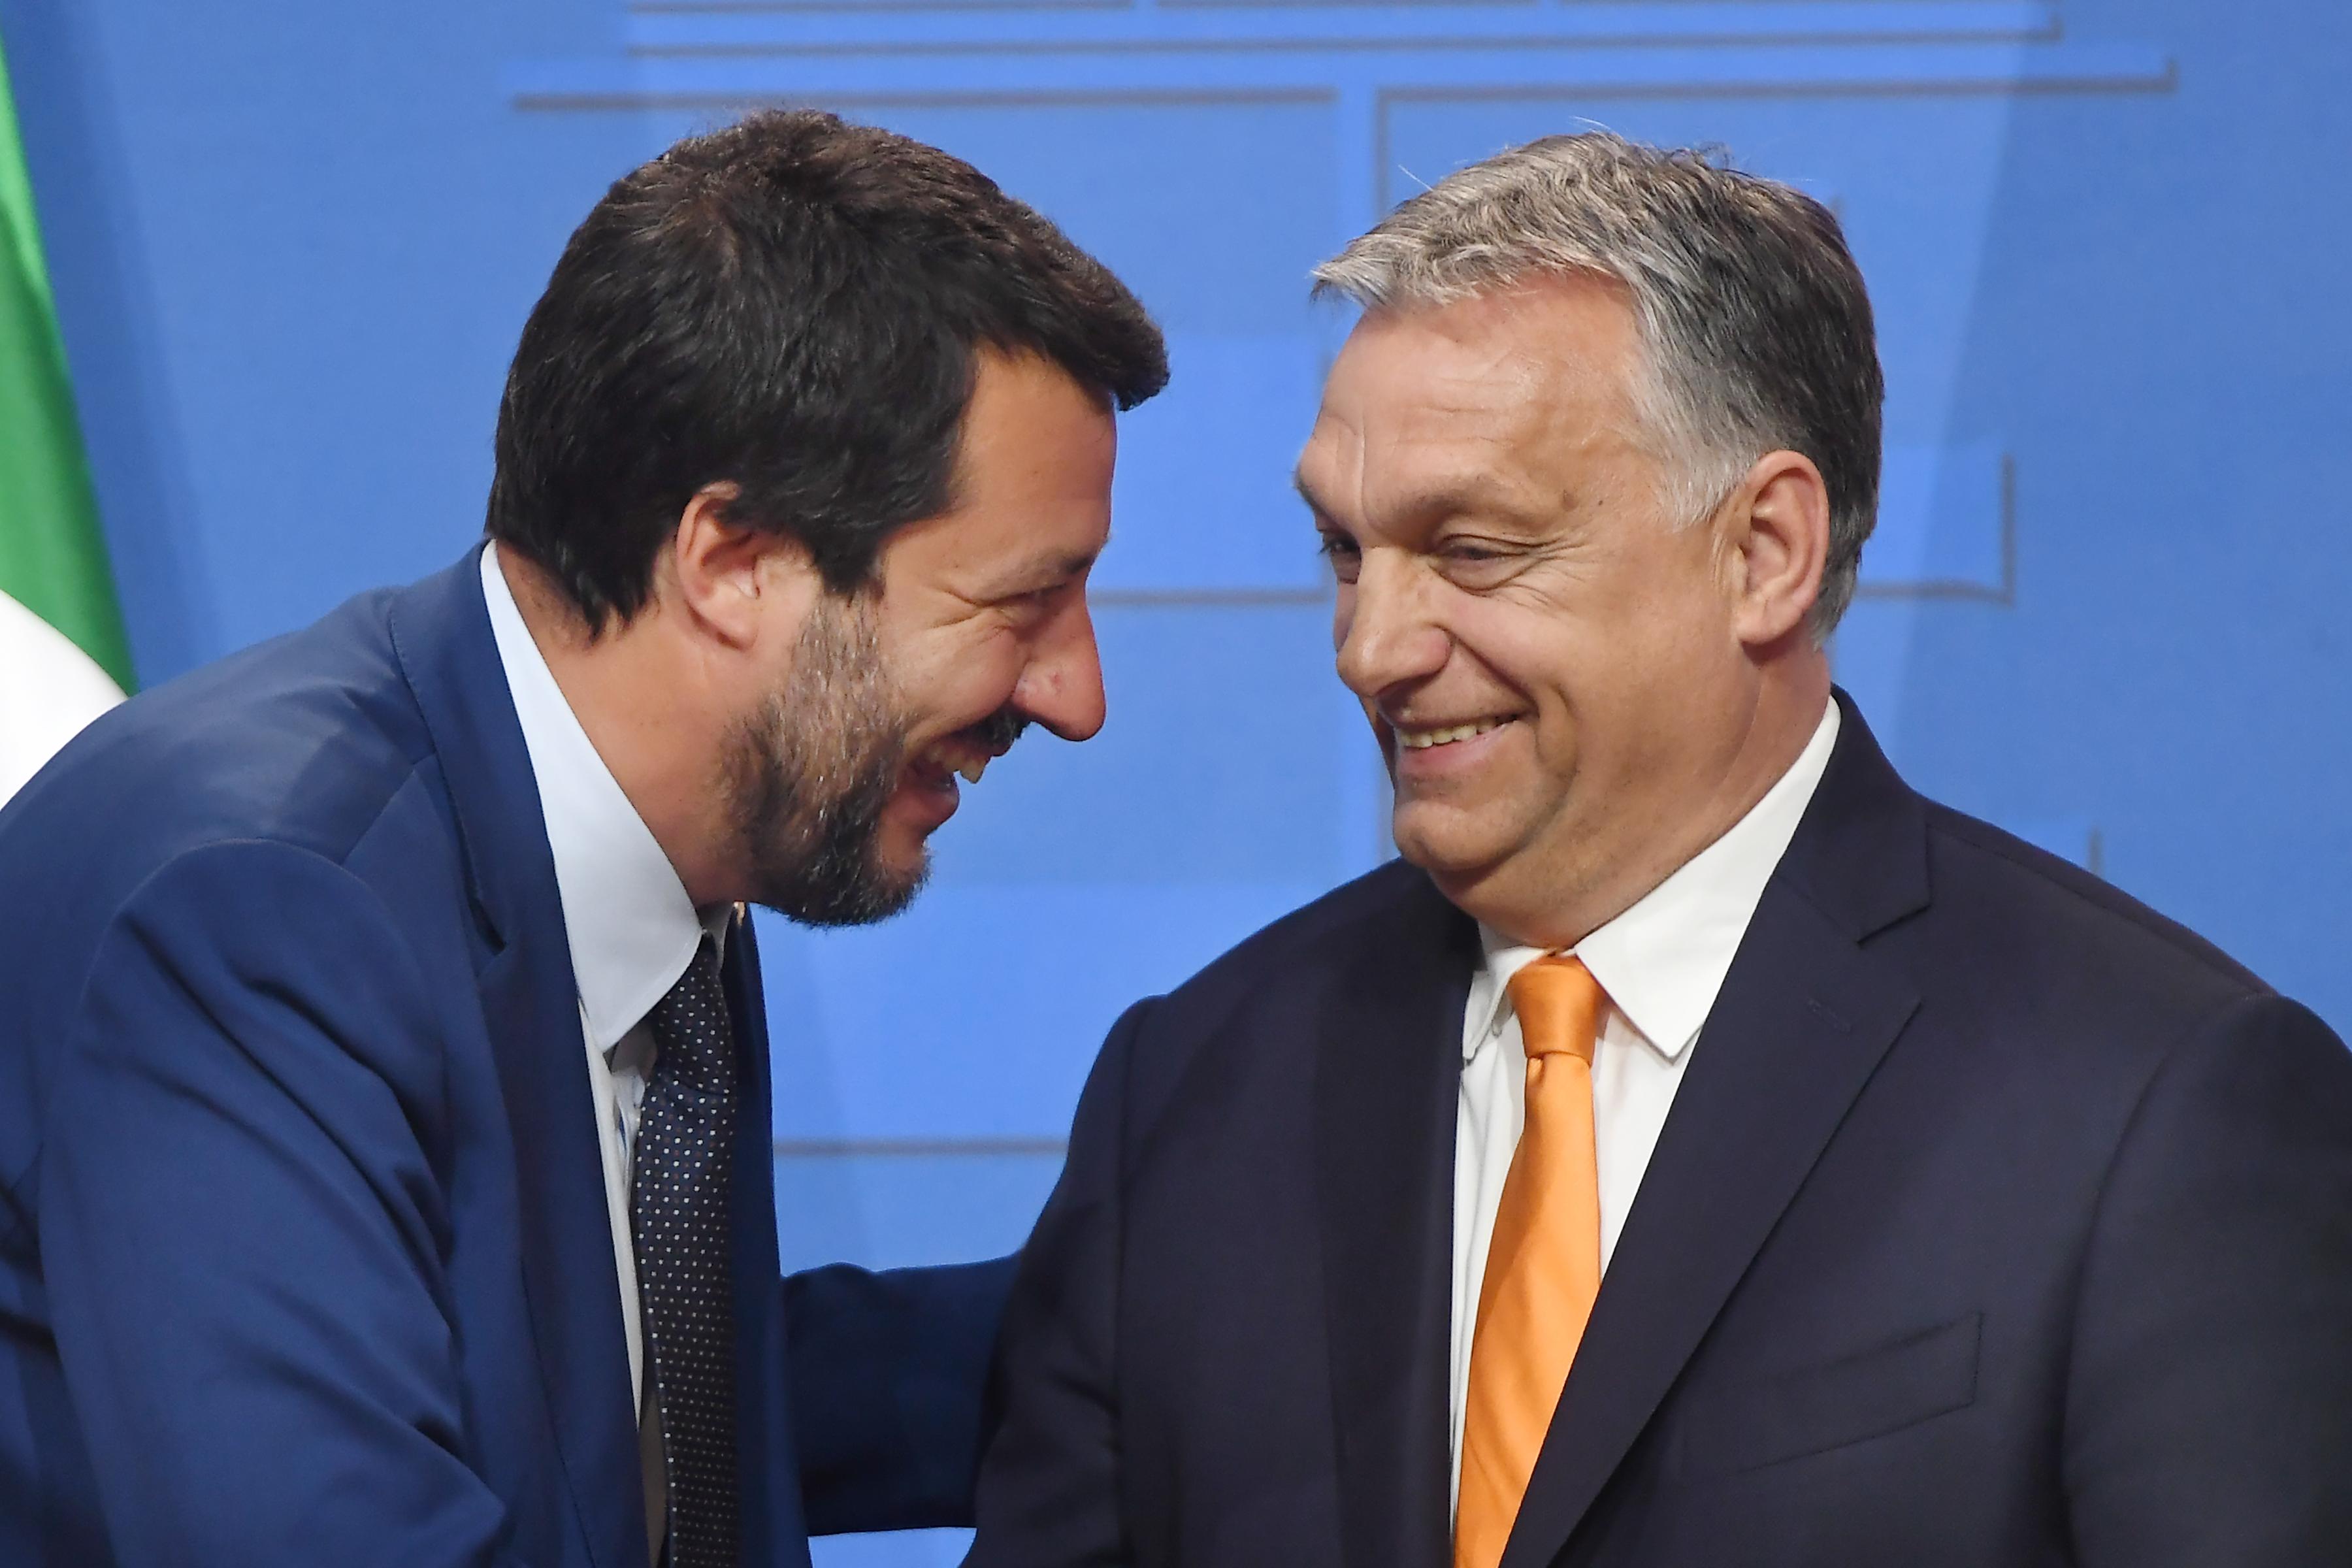 Európa erősödő szélsőjobboldali pártjai az emberek mellett szólalnak fel, de valójában az elitet szolgálják